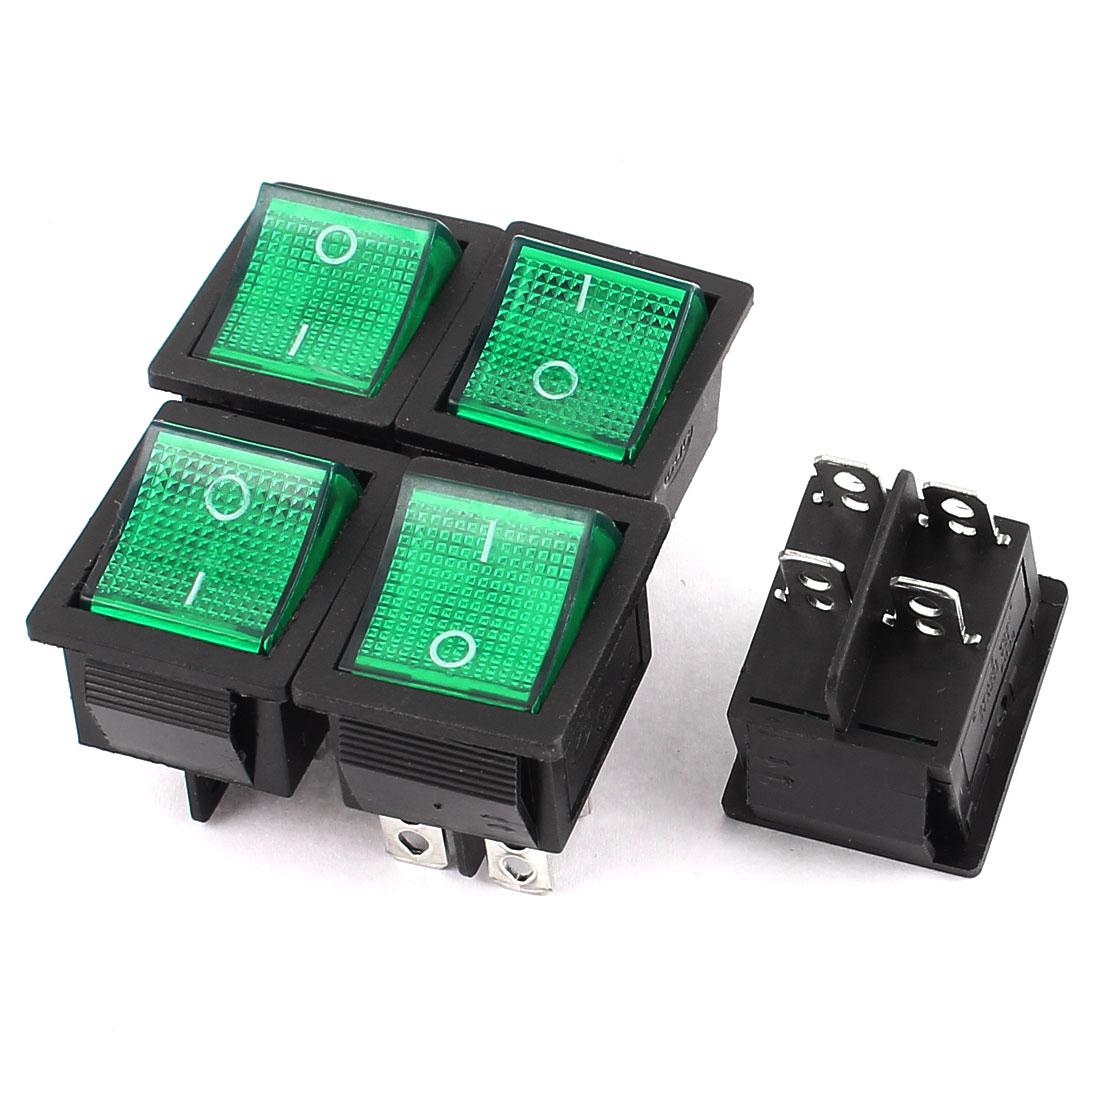 5 Pcs Green Light DPST I/O 2 Position Boat Rocker Switch 15A 250VAC 20A 125V